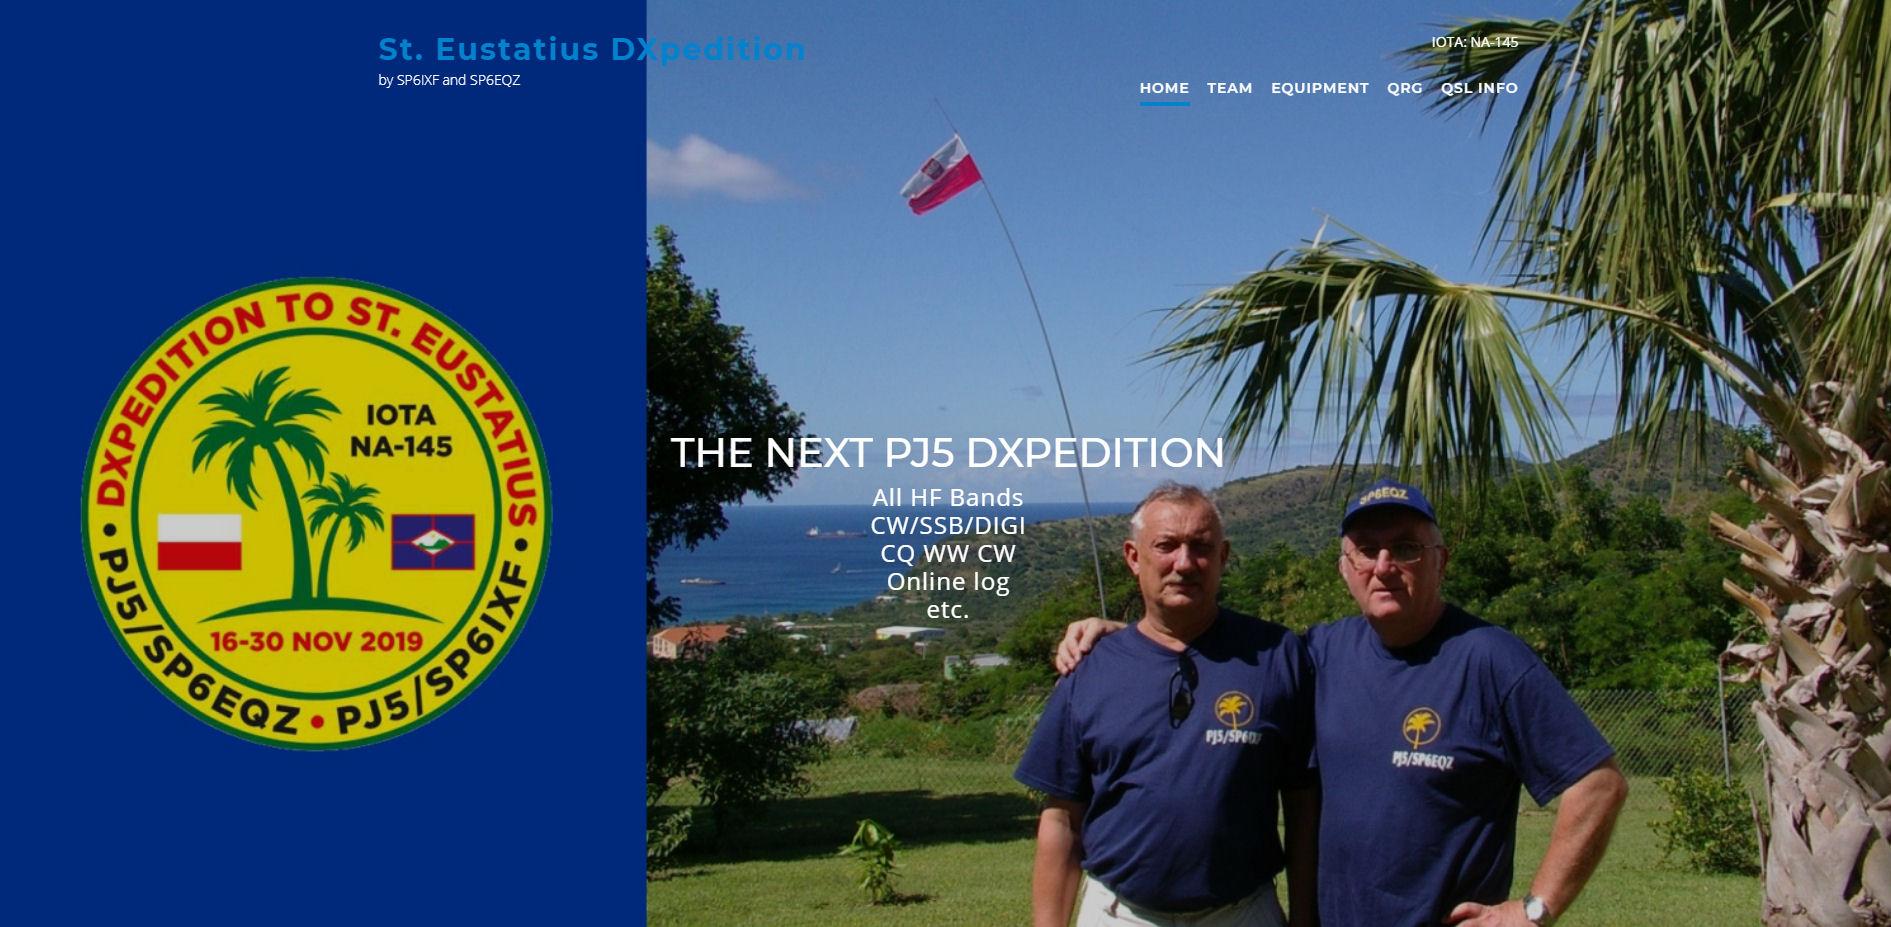 PJ5/SP6EQZ e PJ5/SP6IXF Sint Eustatius saranno attivi in FT8